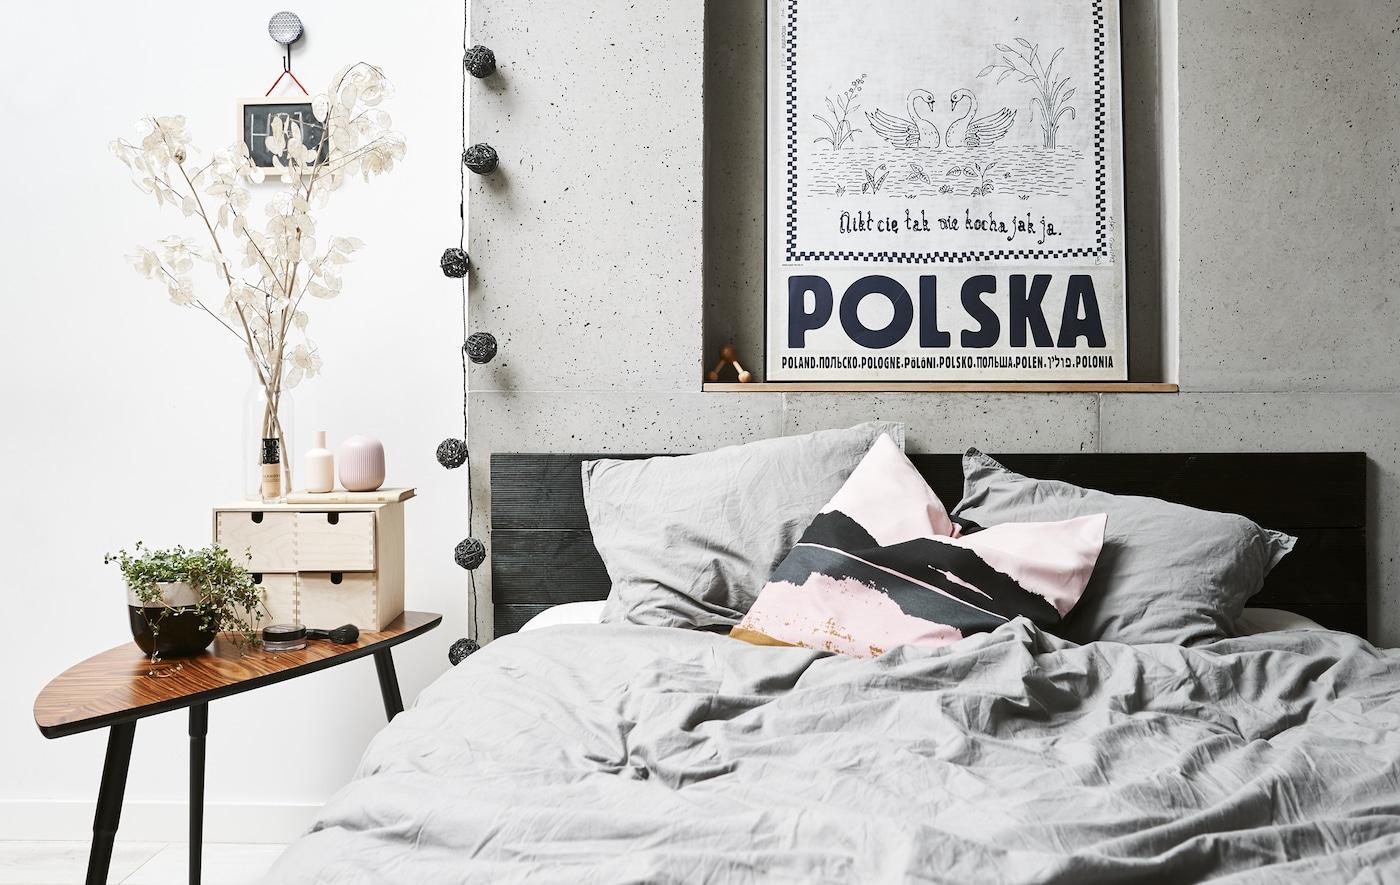 Una camera da letto dalla forte personalità ikea ikea